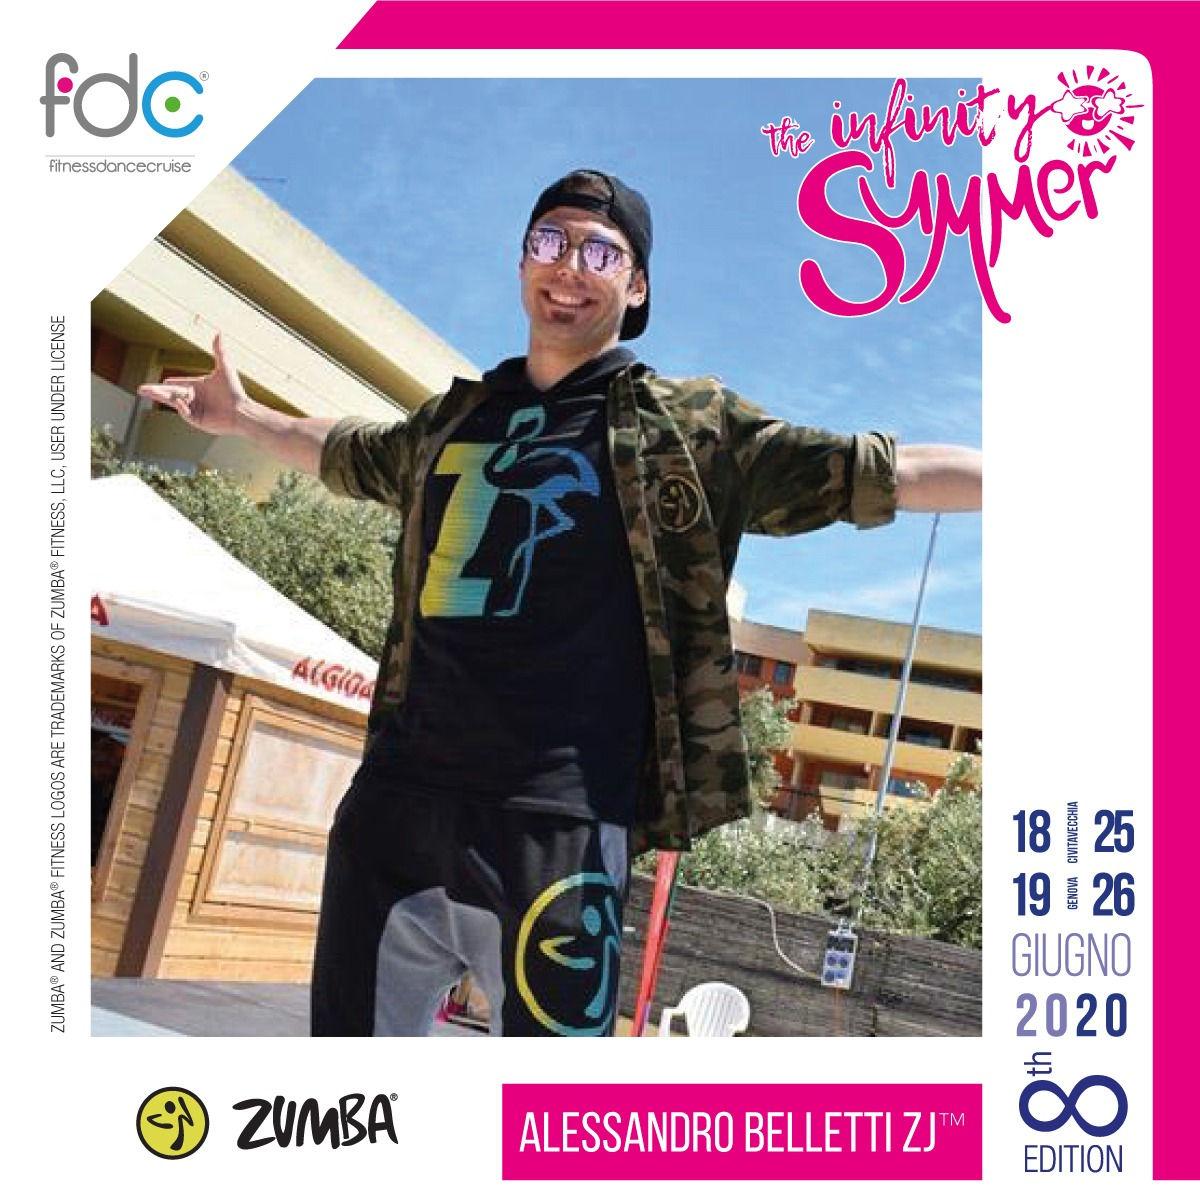 Zumba FDC Presenter Alessandro Belletti